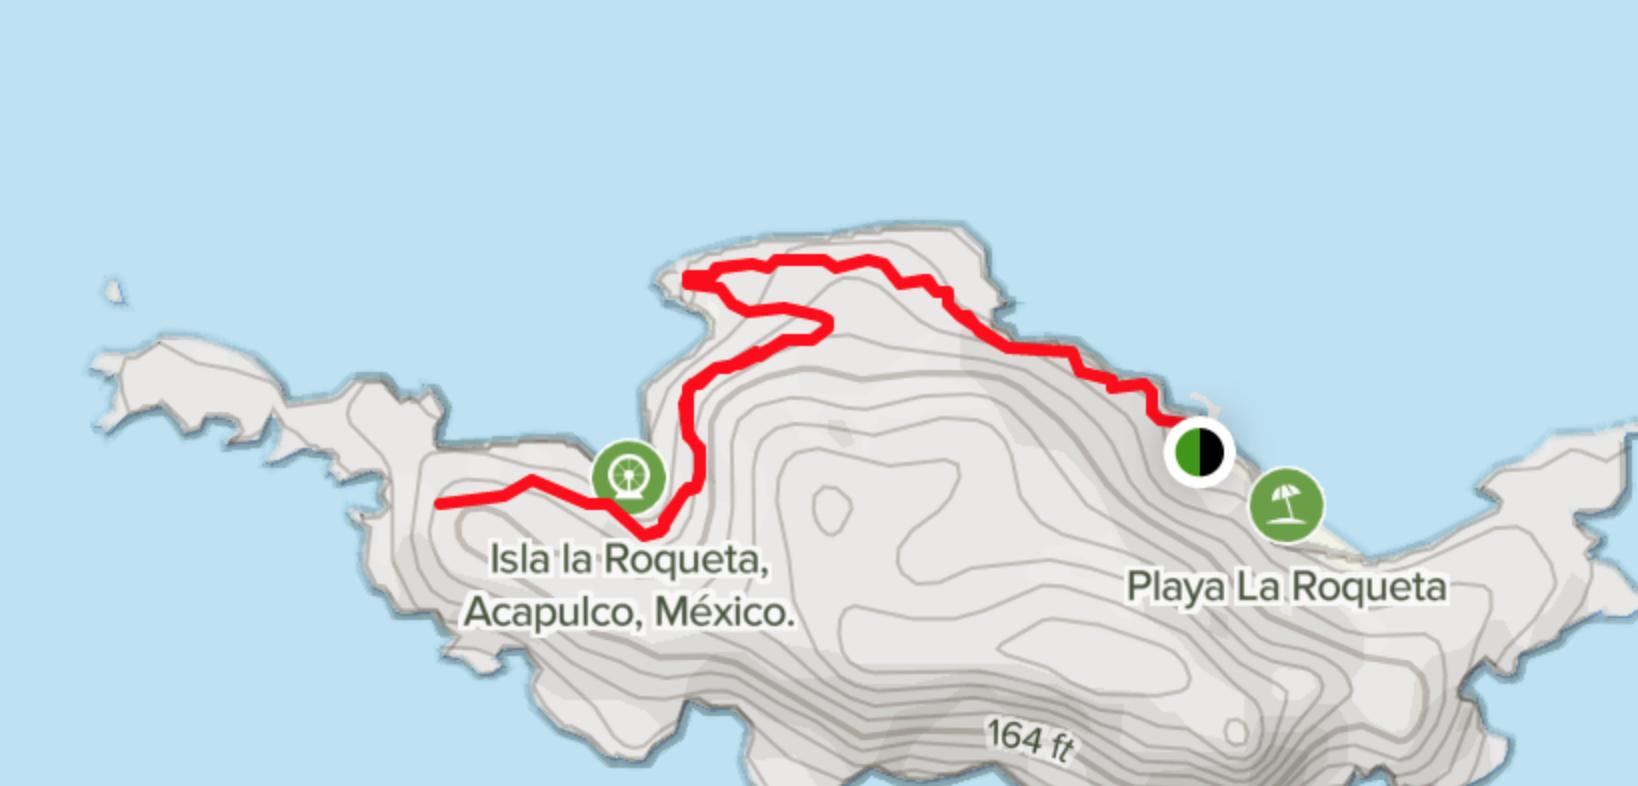 La Roqueta Mexico [alltrails.com]